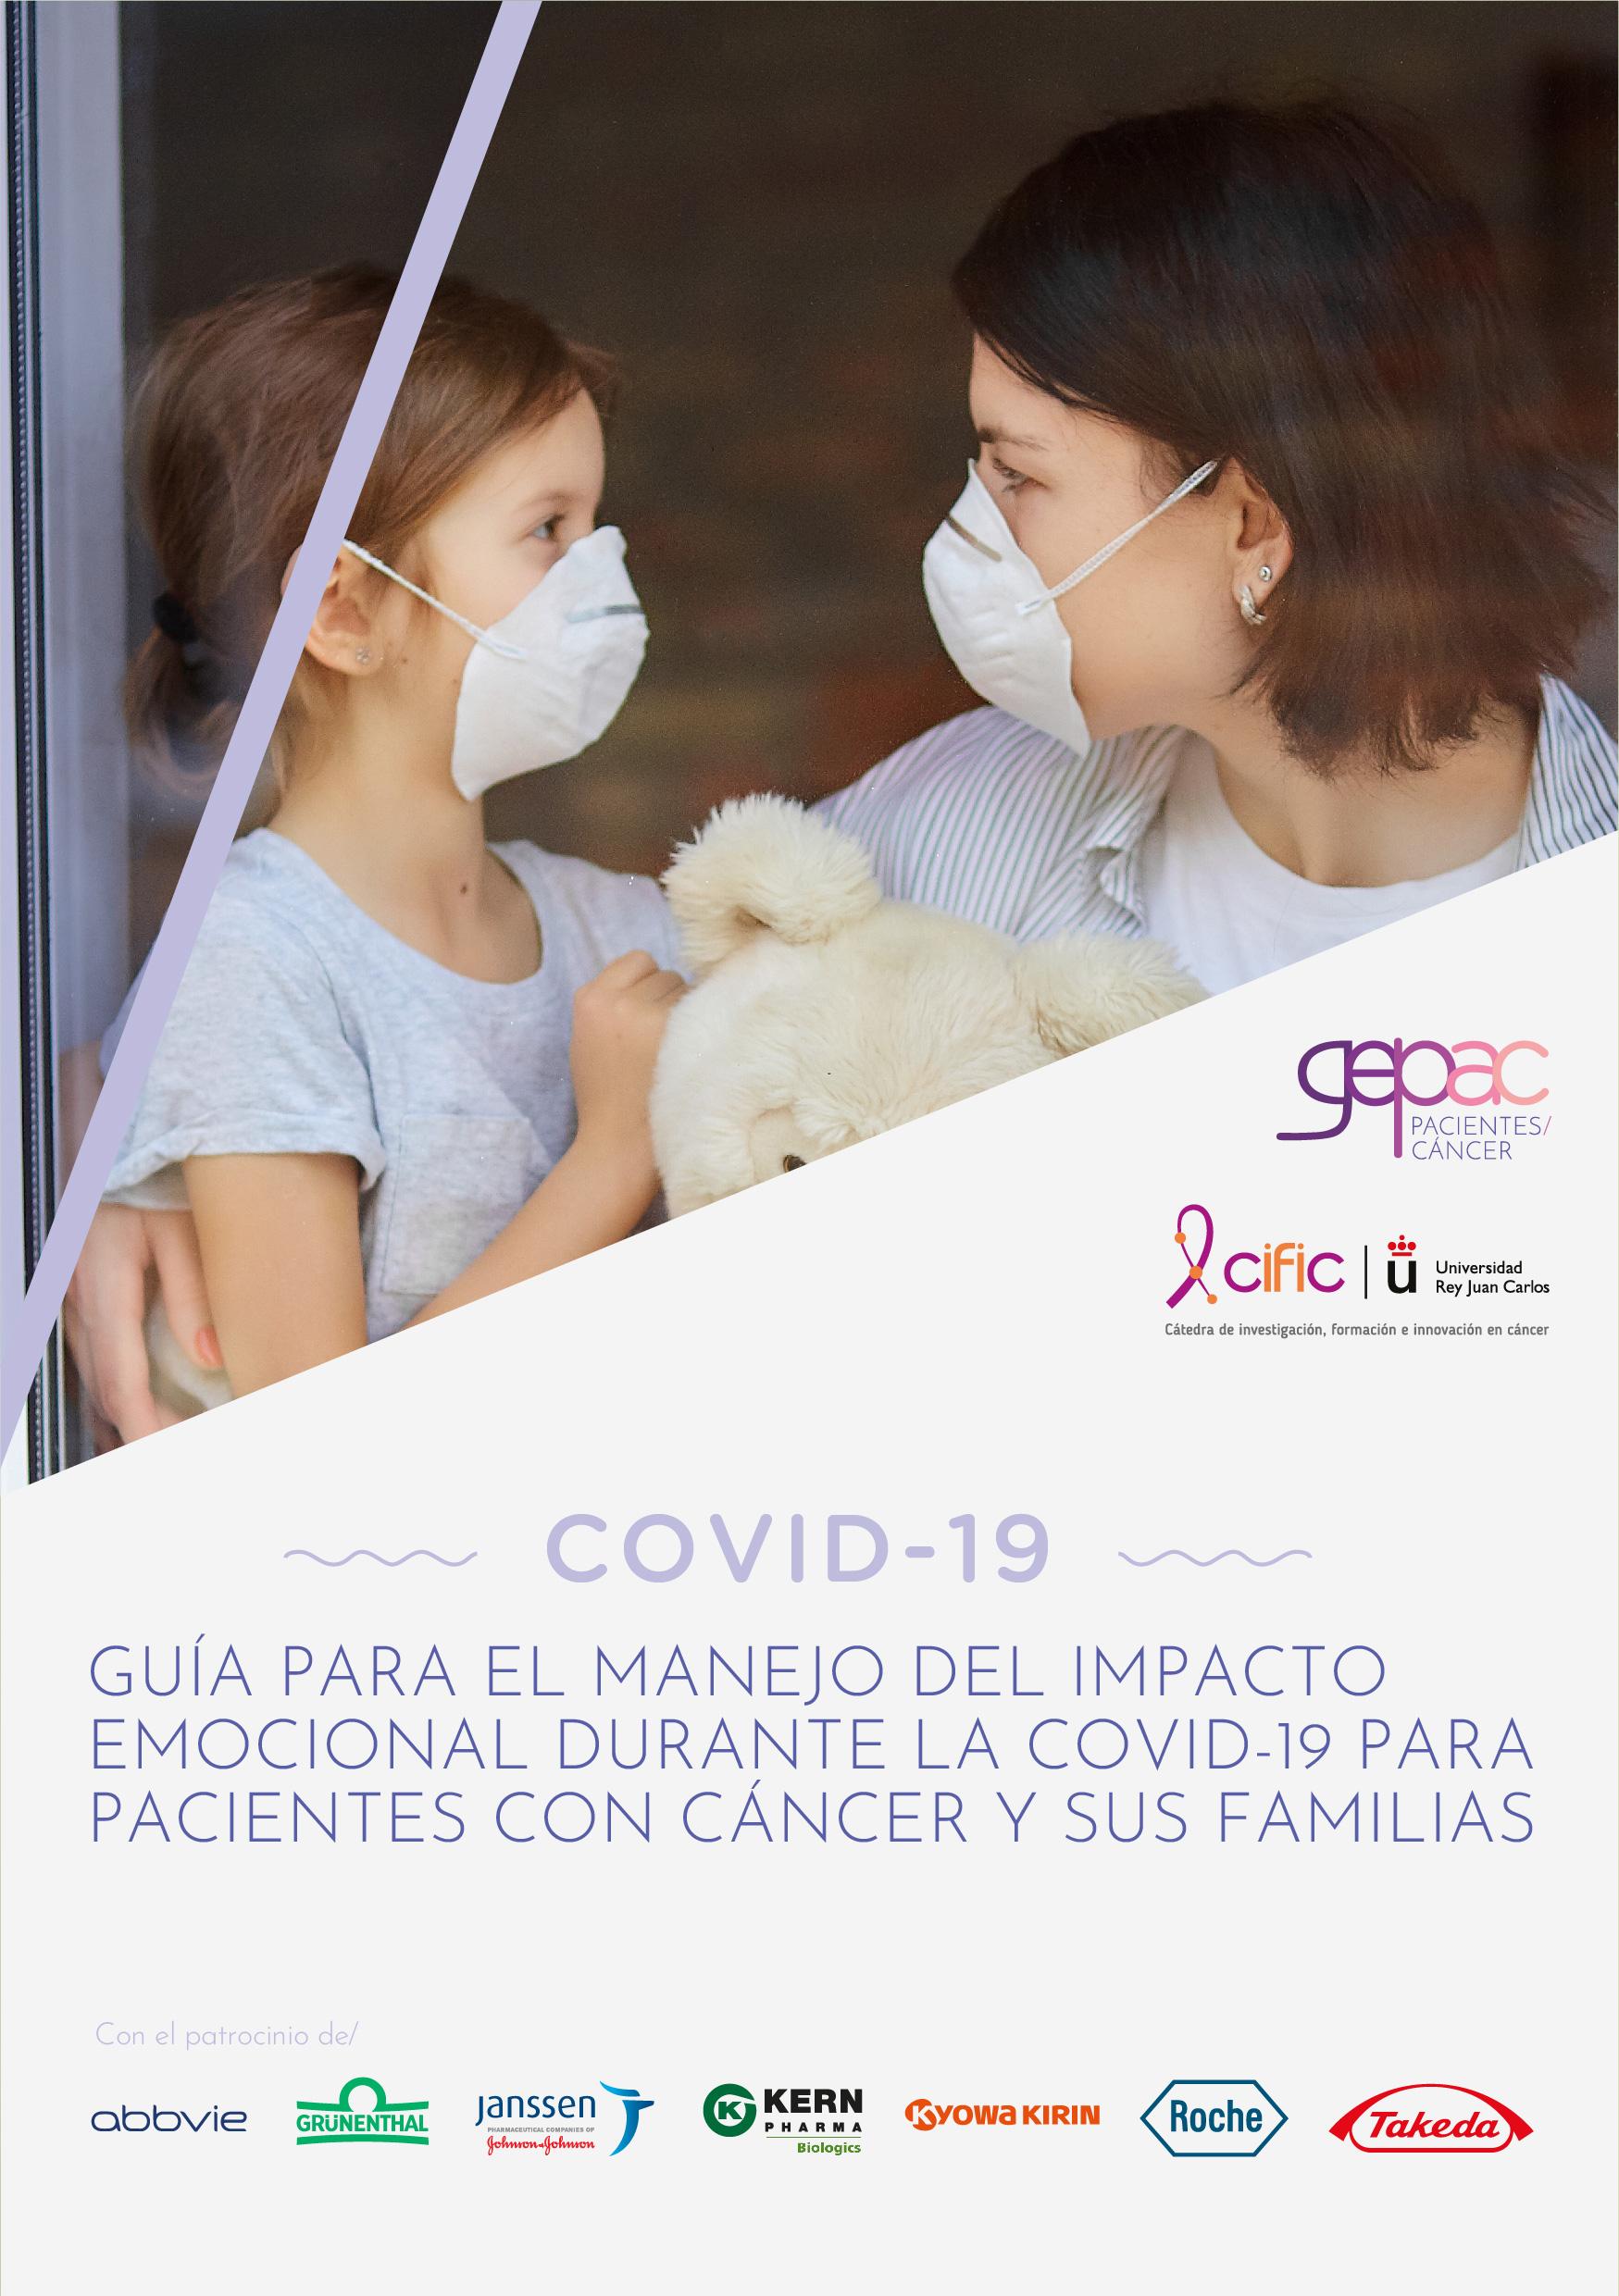 Guía para el manejo del impacto emocional durante la COVID-19 para pacientes con cáncer y sus familias